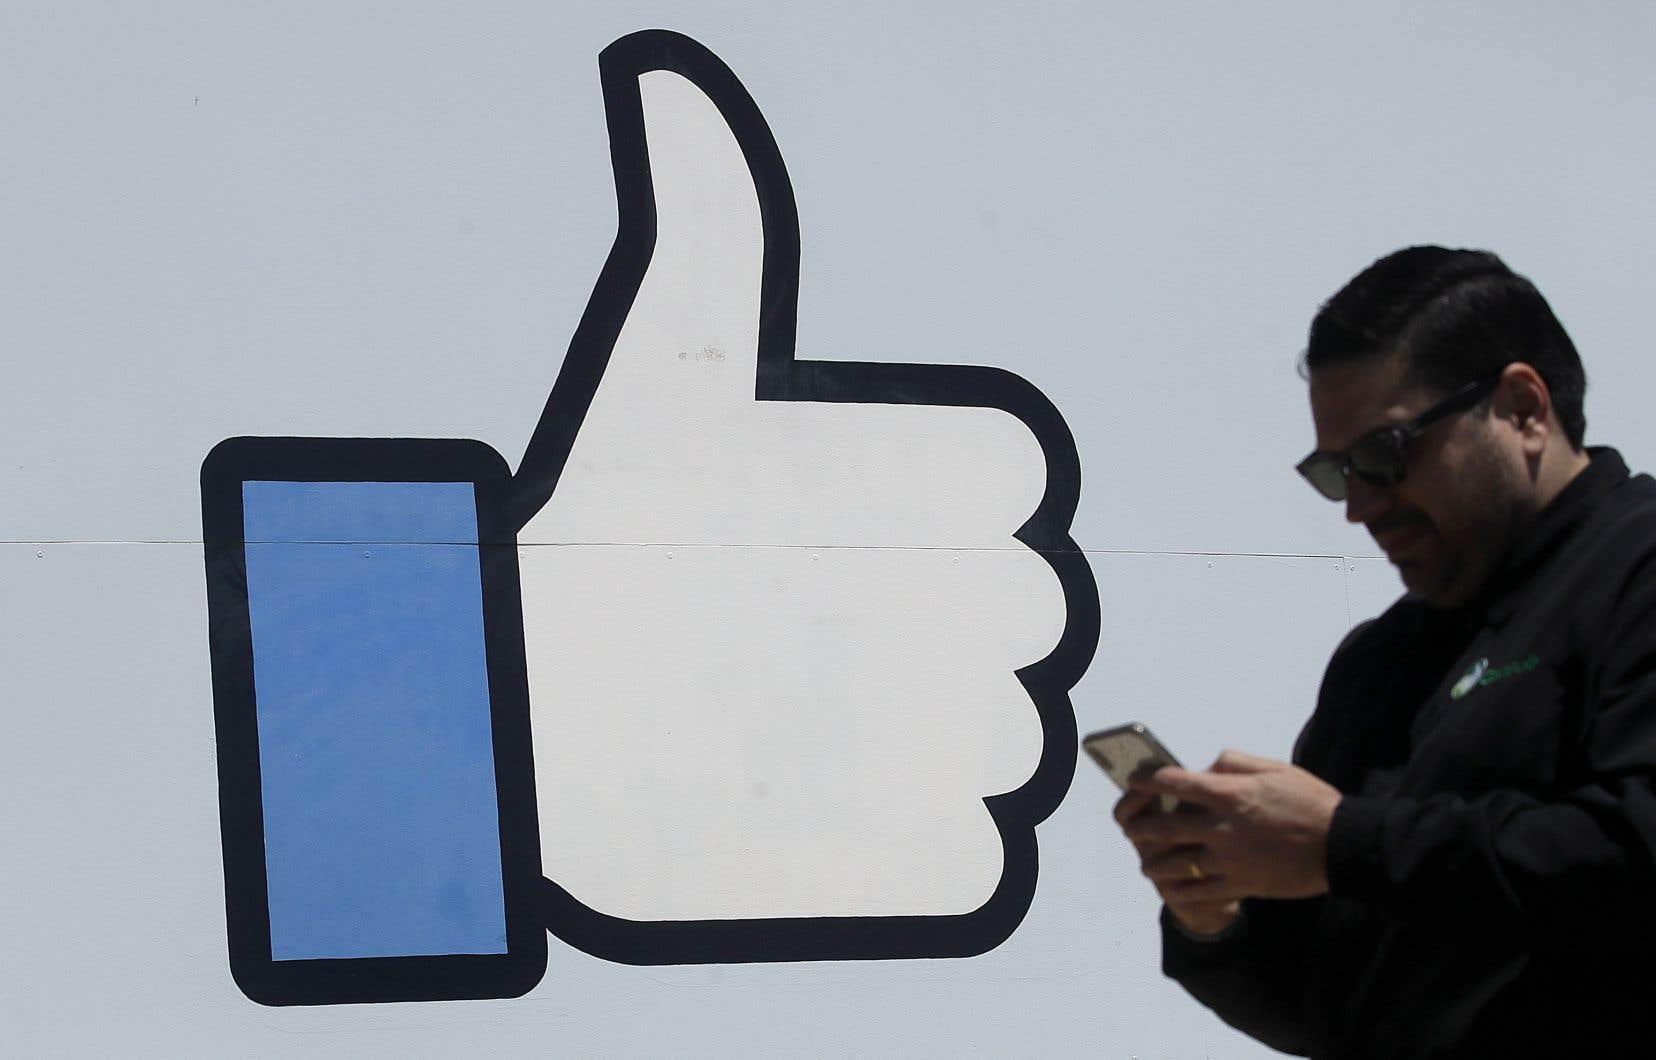 Pour son incapacité à protéger les données personnelles des utilisateurs du réseau, Facebook reçoit une amende de 5 milliards de dollars de la part de la FTC, mais ce chiffre ne correspond qu'àmoins de 10% de ses revenus annuels.